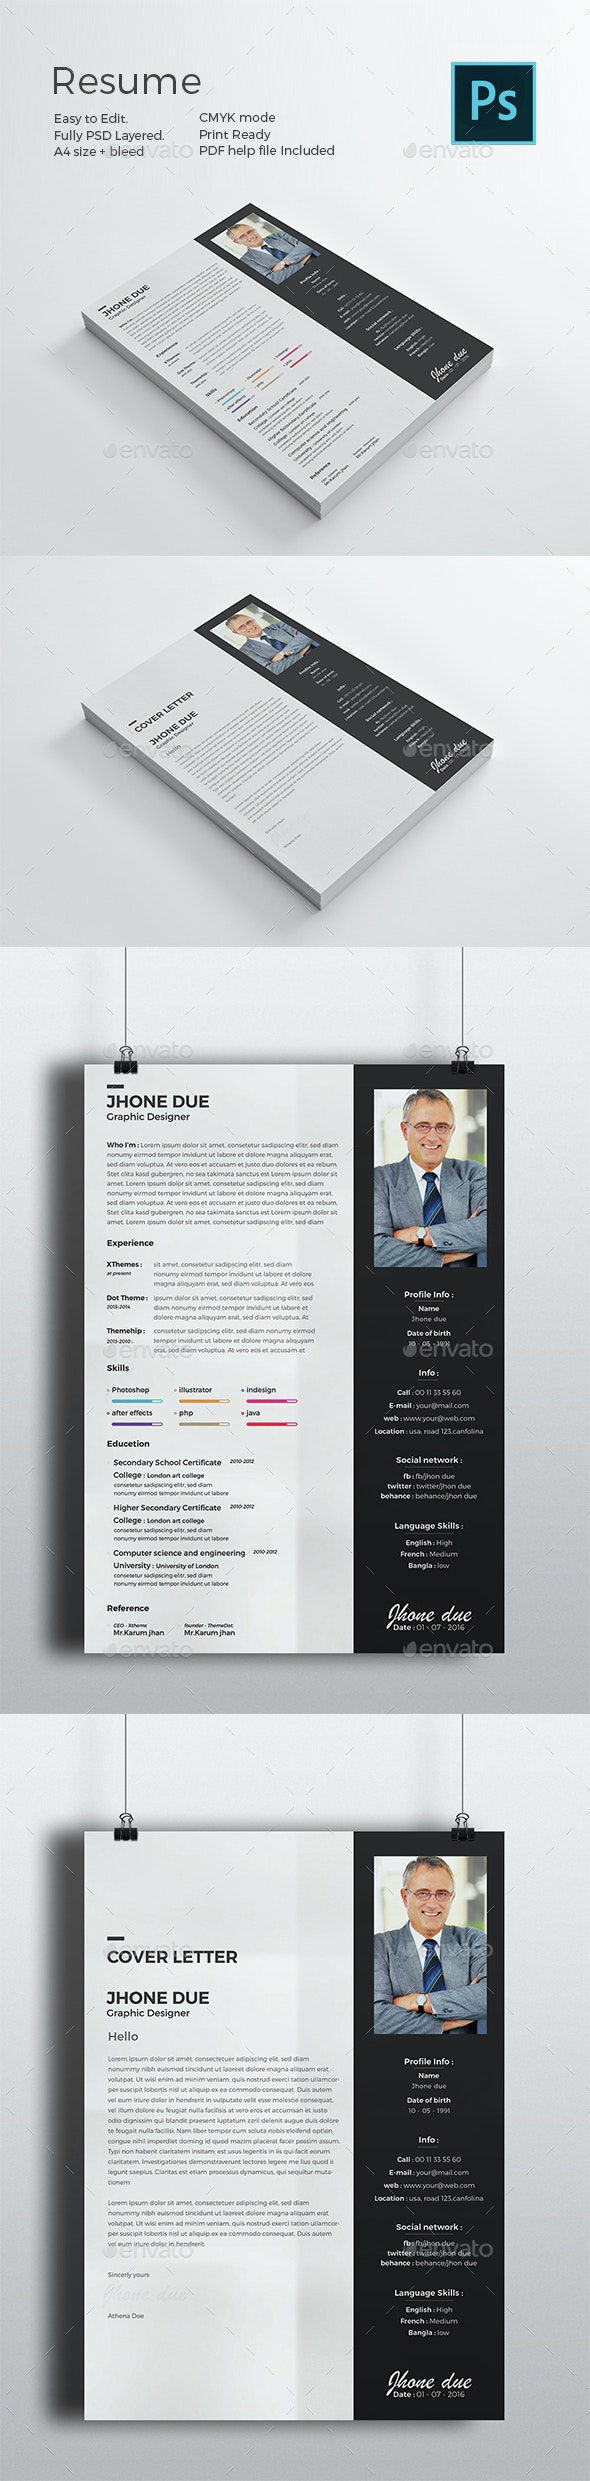 Black Resume - Resumes Stationery